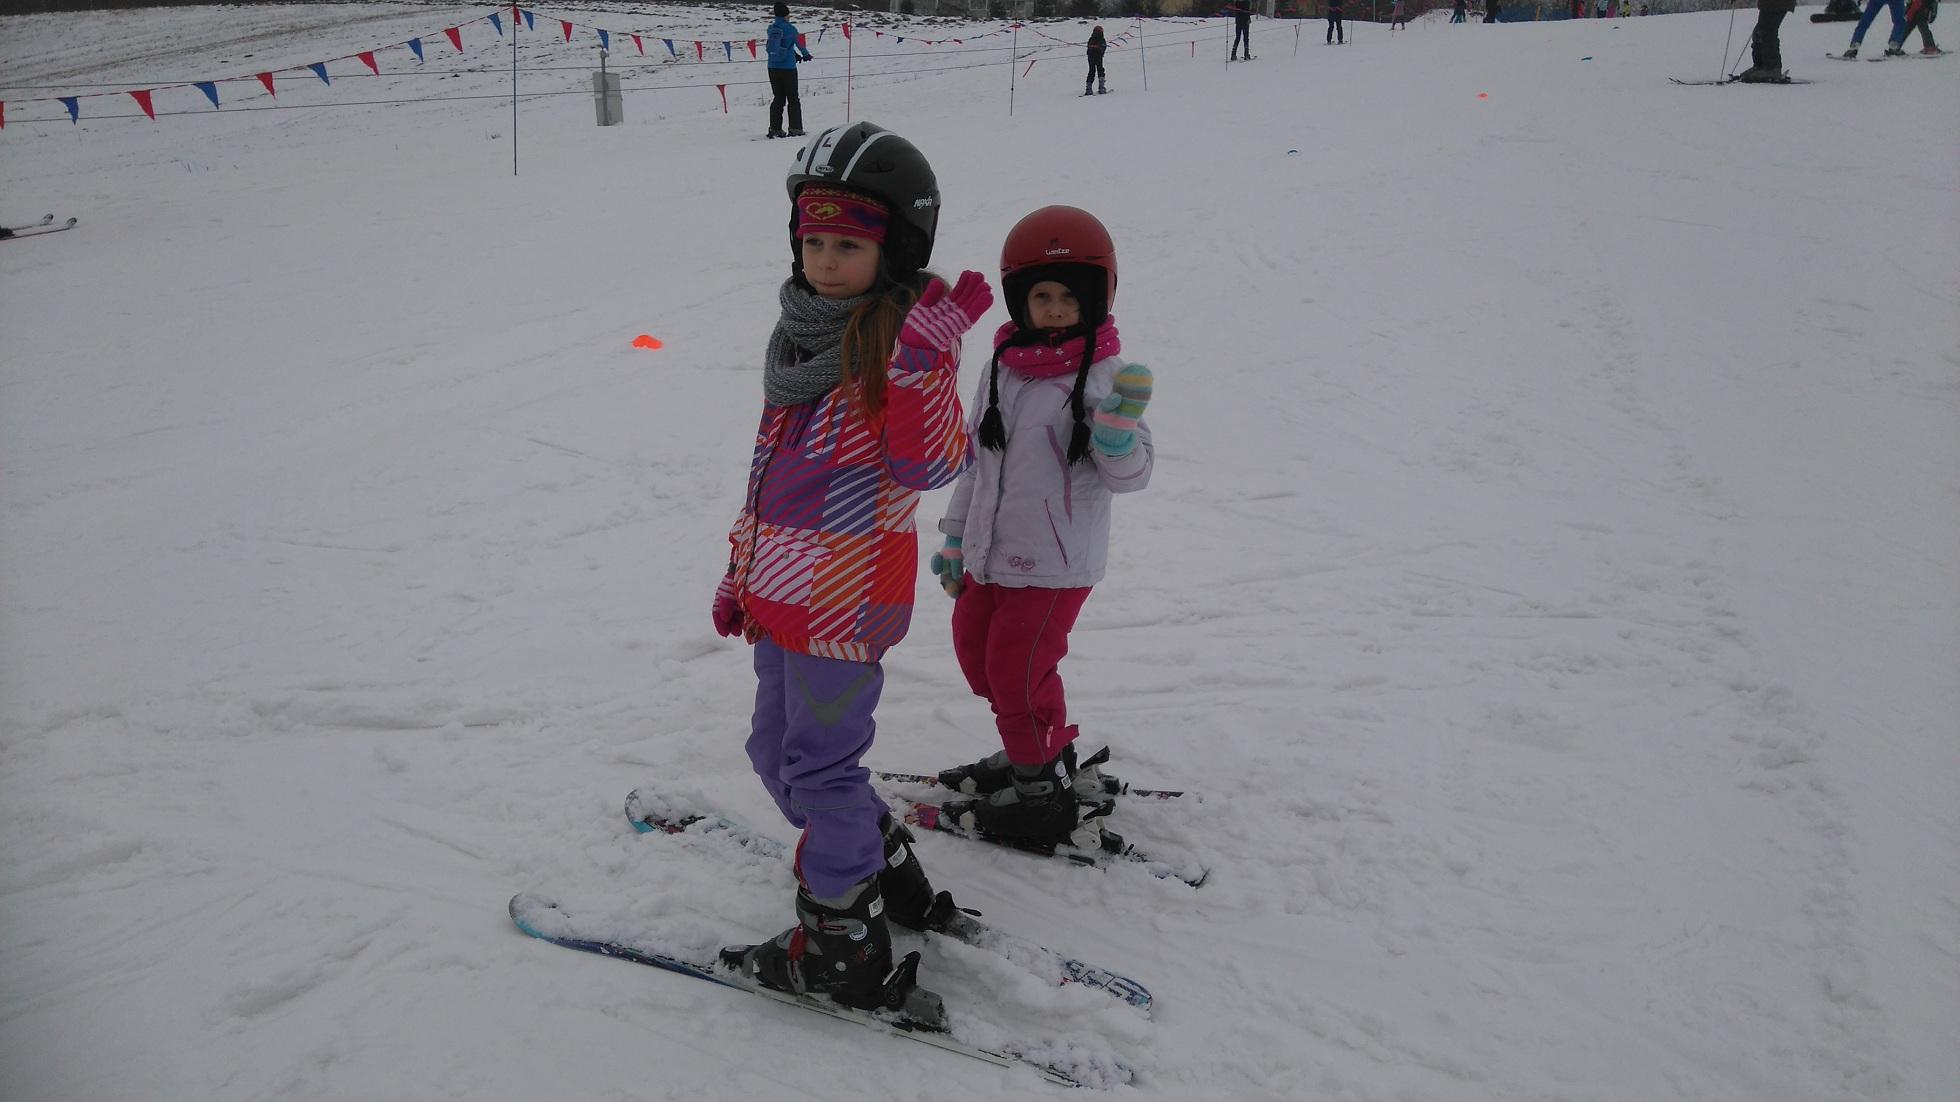 dwie dziewczynki w strojach narciarskich i nartach stoją na stoku